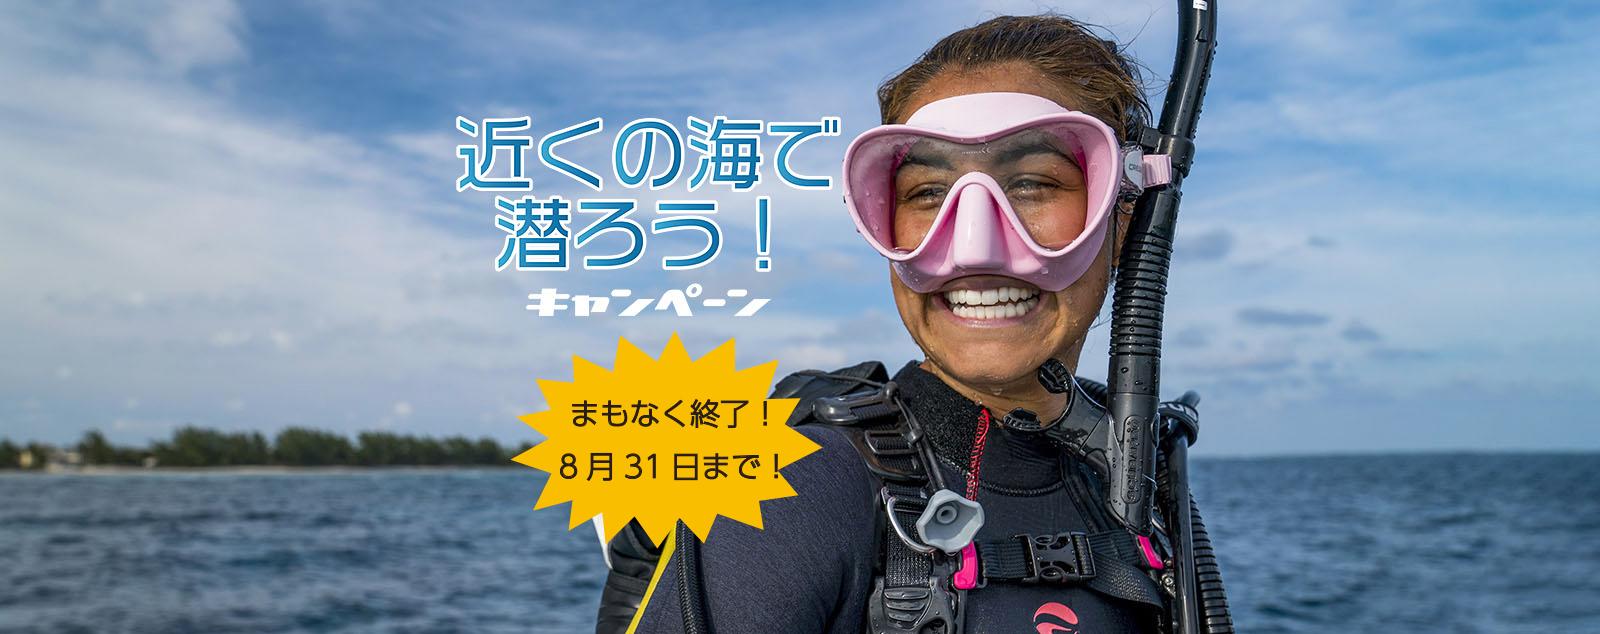 近くの海で潜ろう!キャンペーン